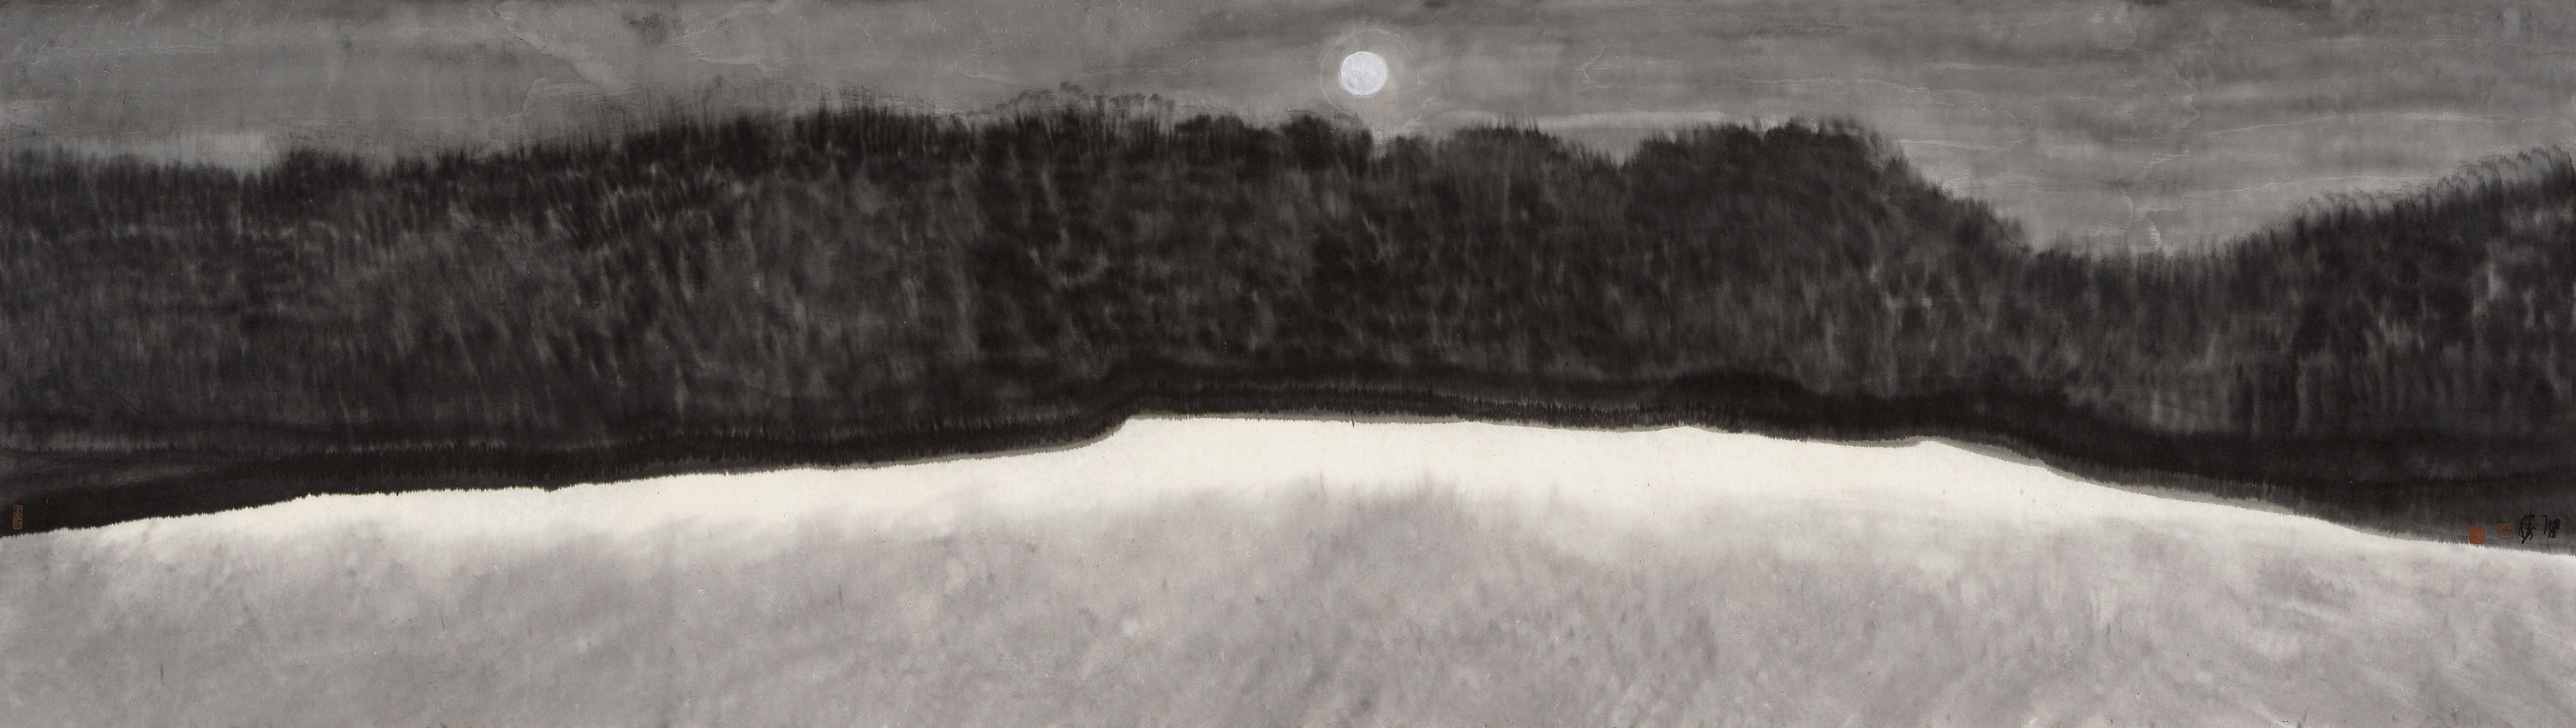 《雪月》65x215cm 意象系列 纸本水墨 2017年